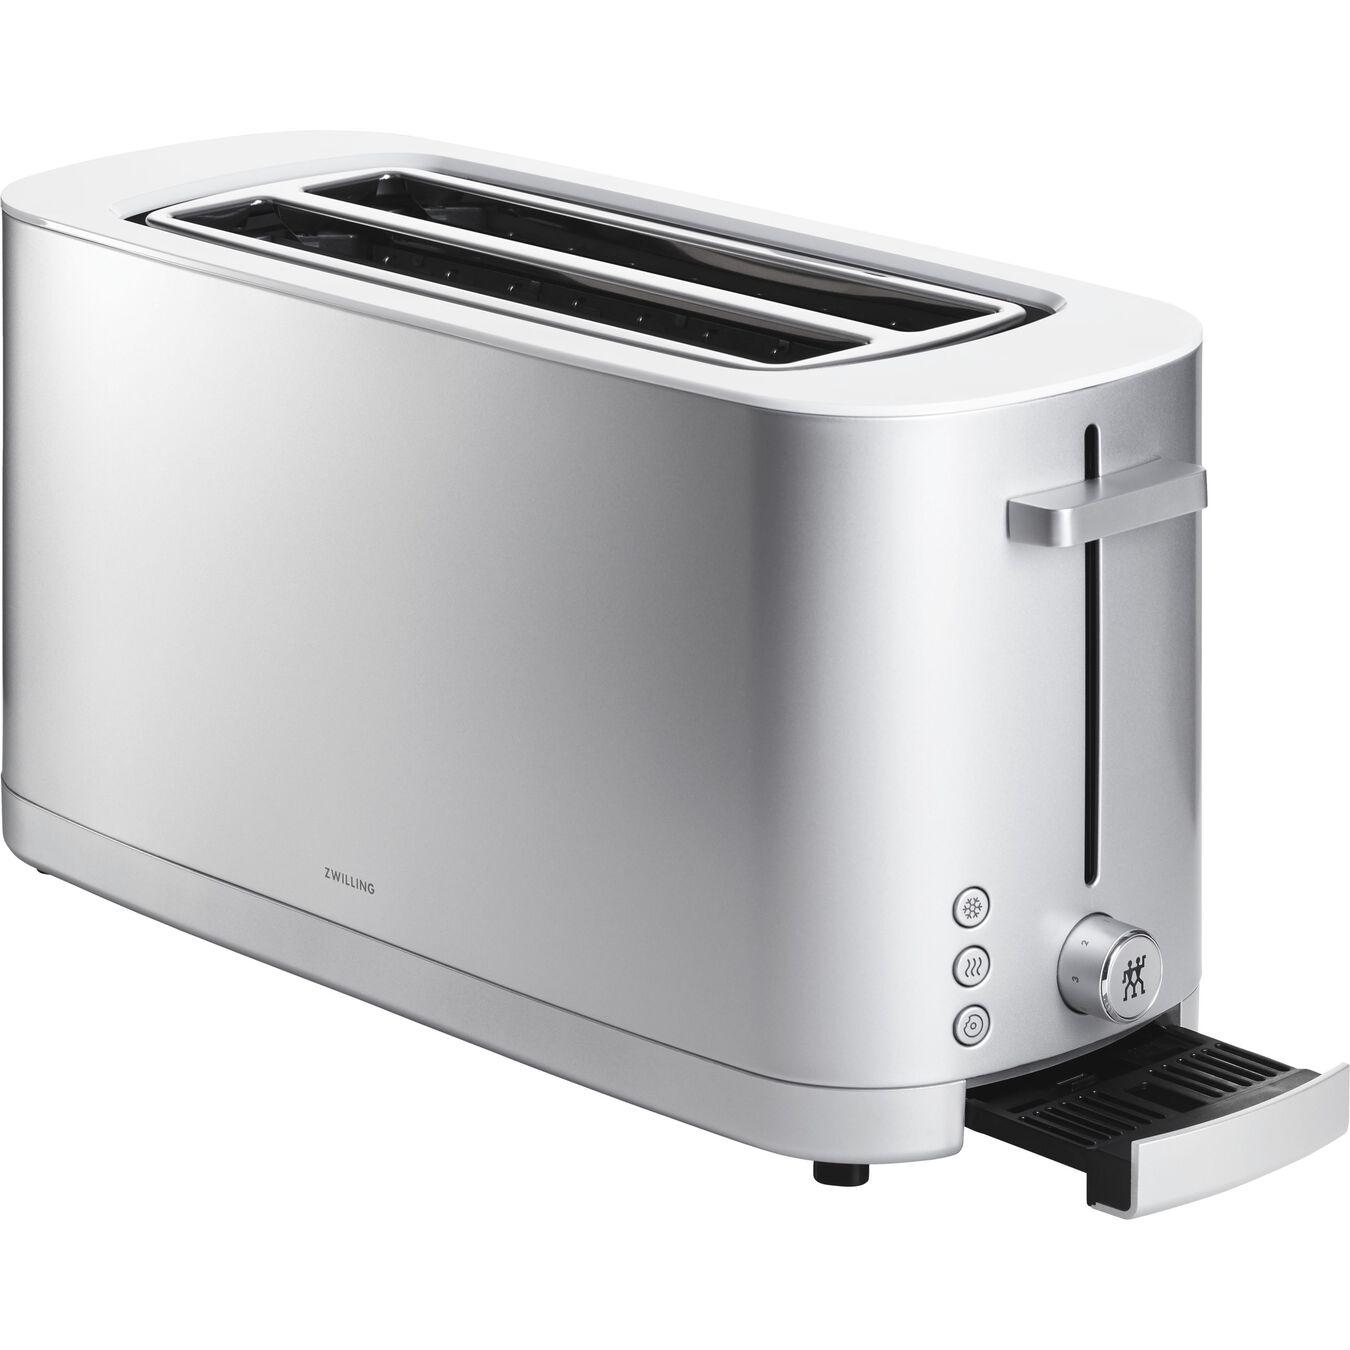 Ekmek Kızartma Makinesi çörek ısıtıcılı | 2 yuva 4 dilim,,large 6